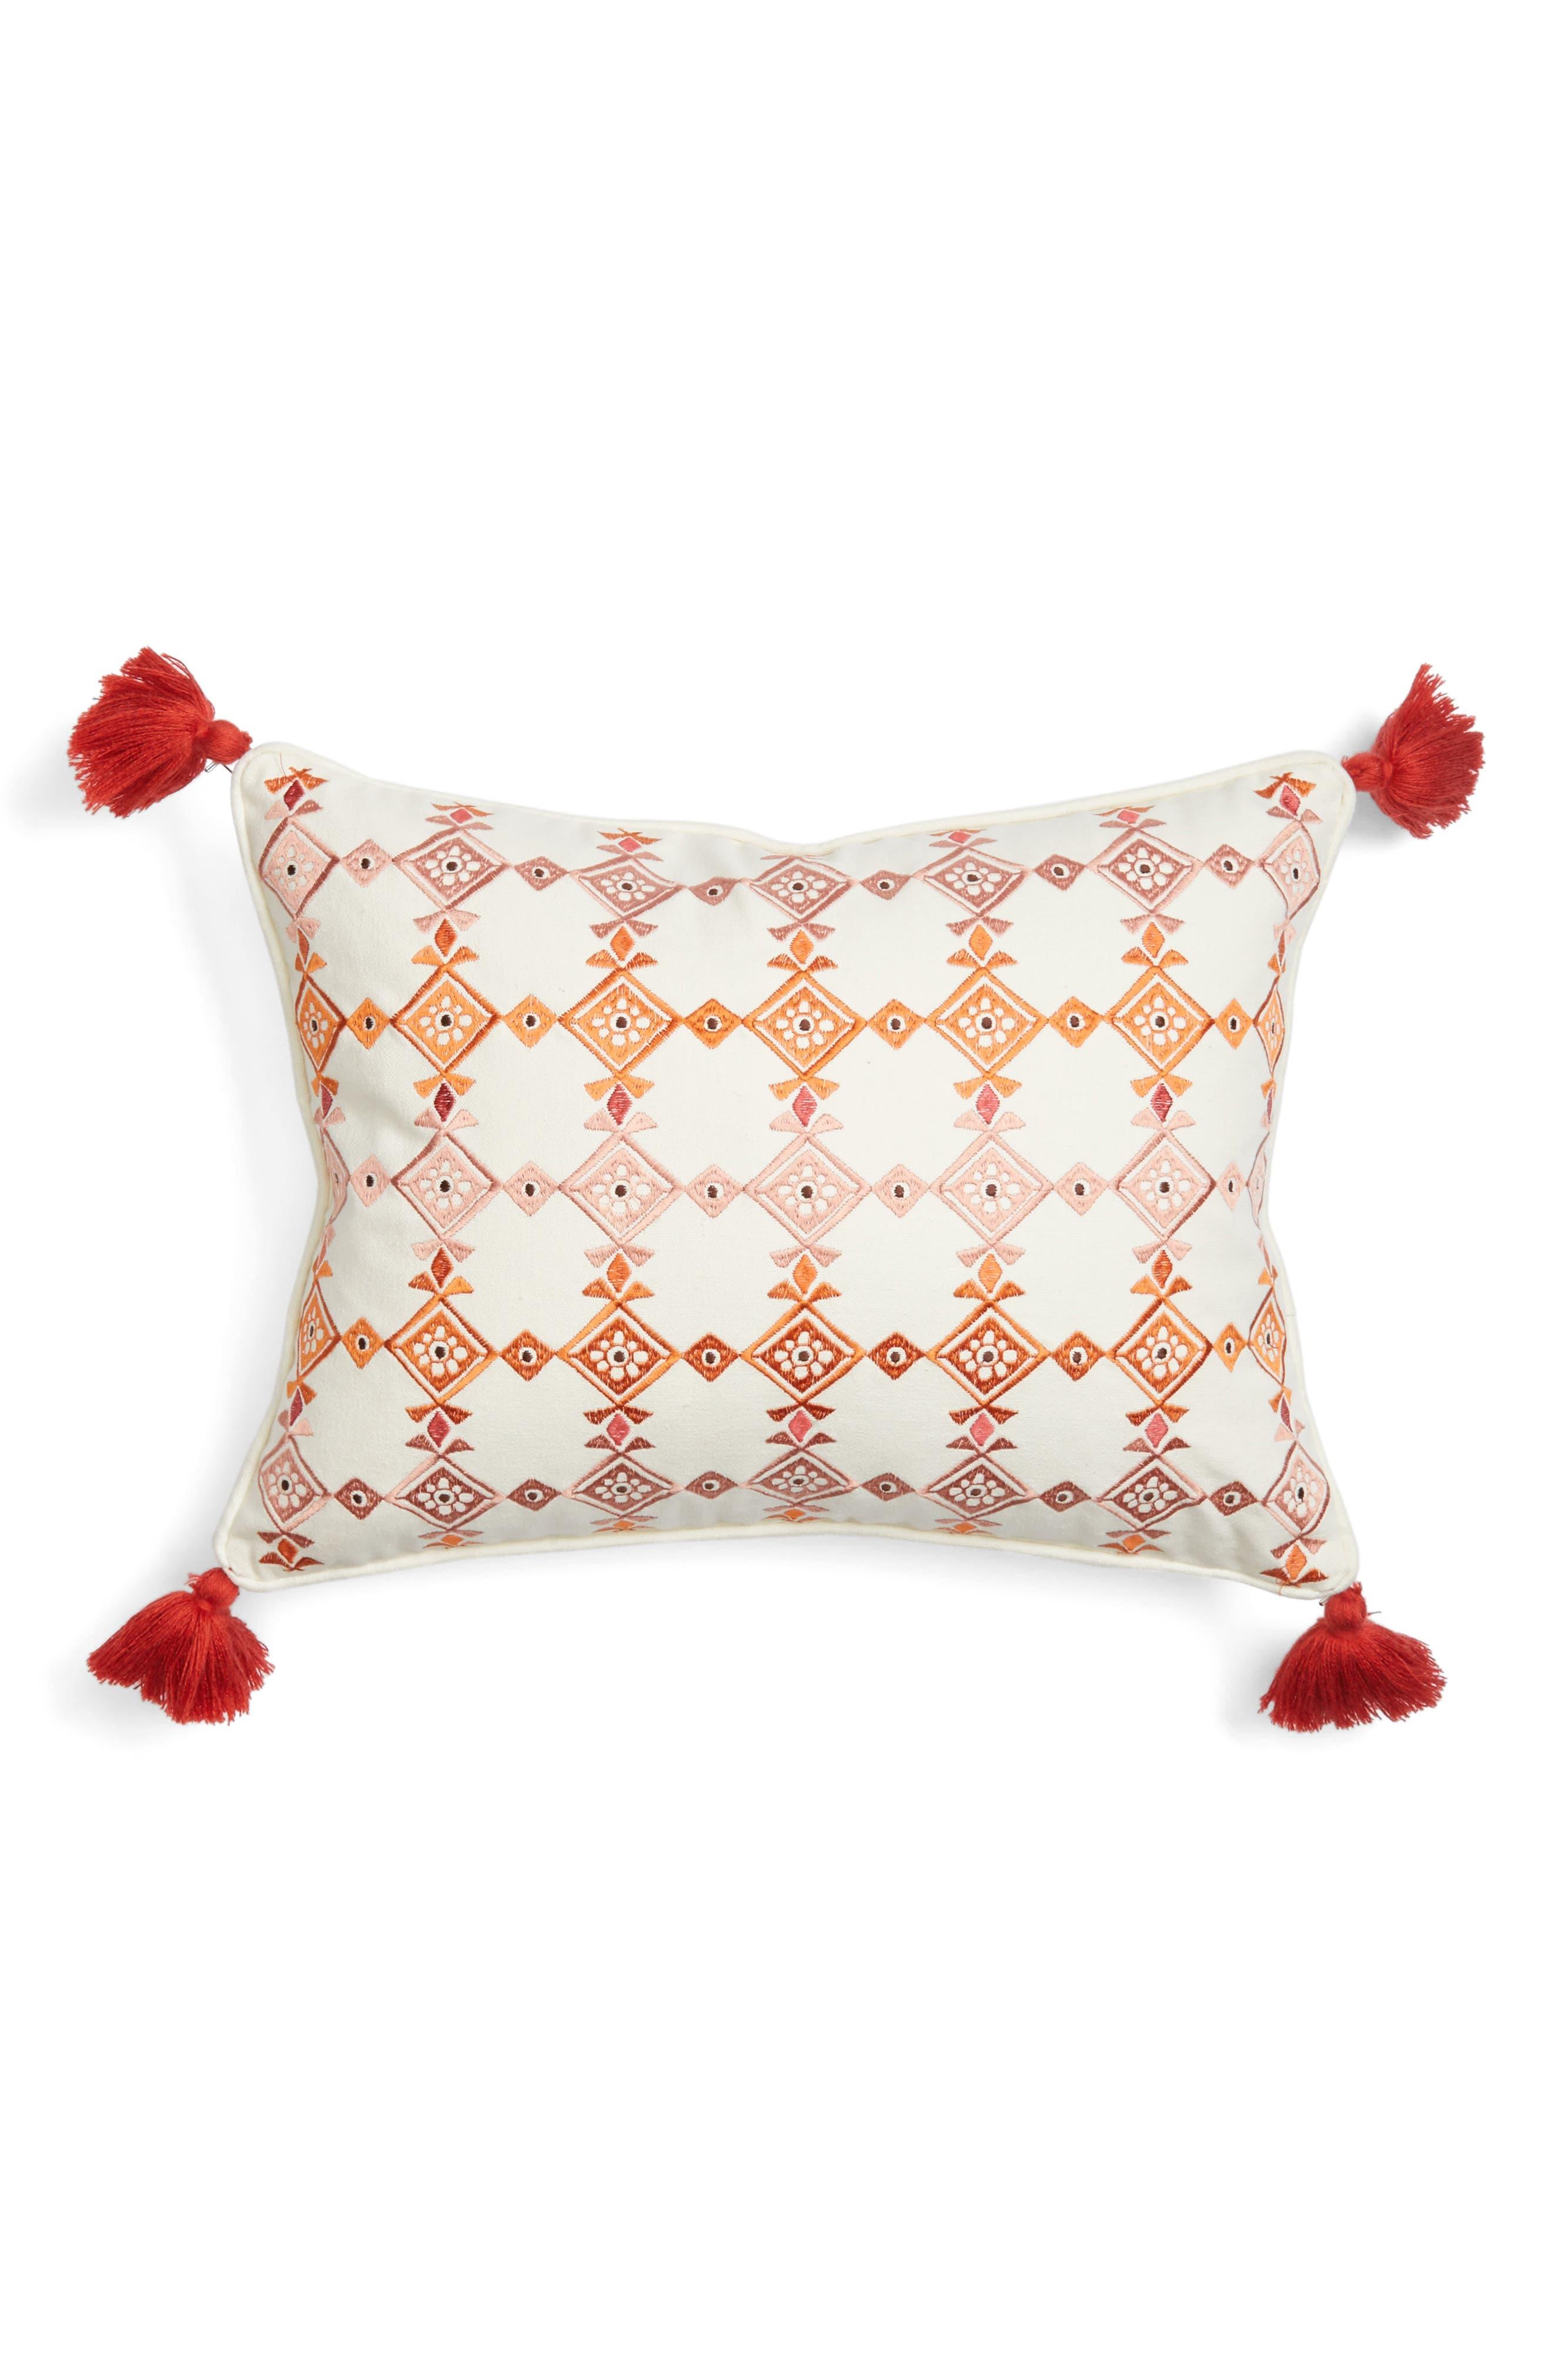 Alternate Image 1 Selected - Levtex Piper Tassel Pillow